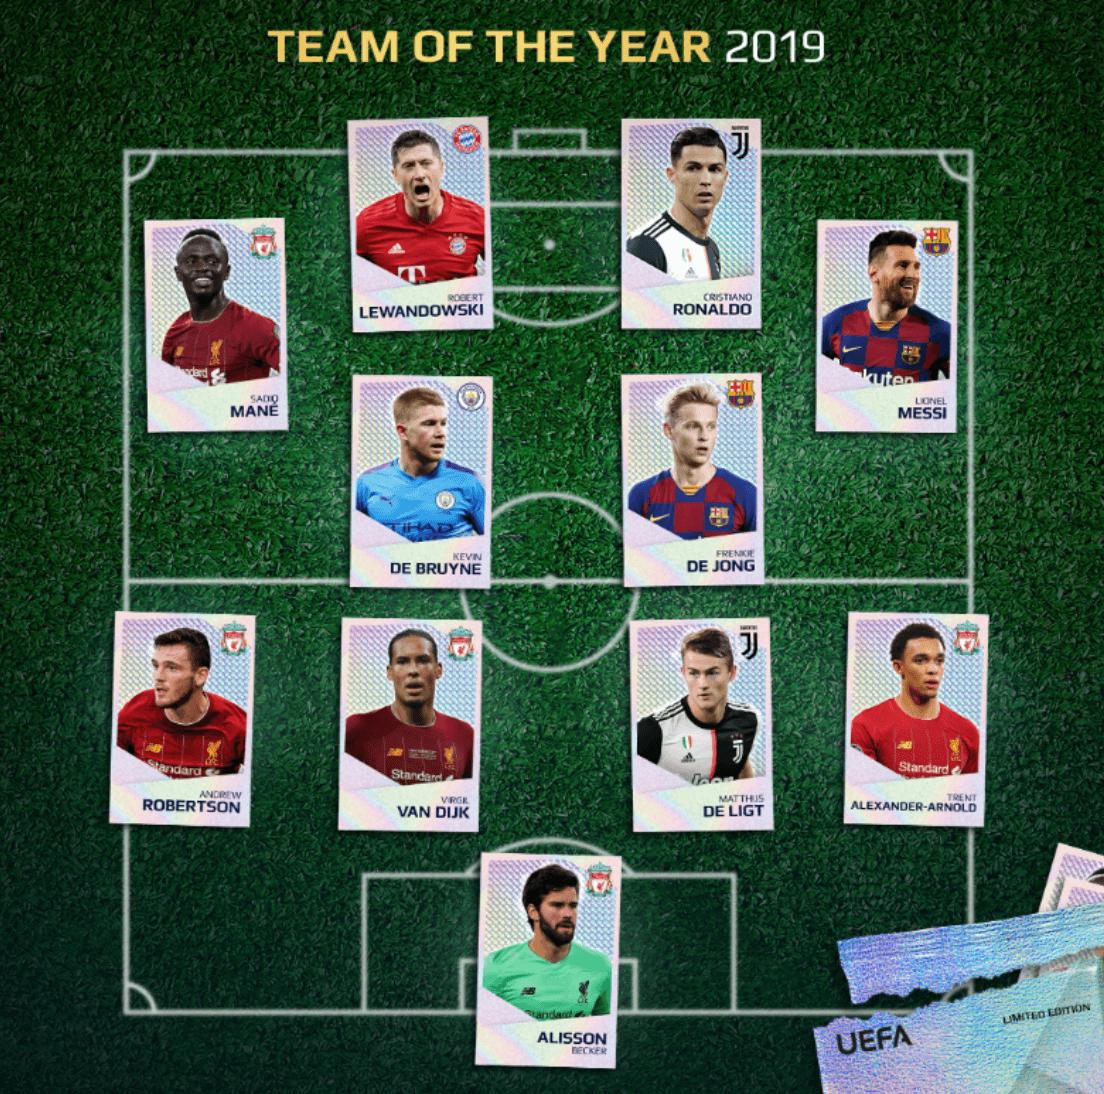 Αποτέλεσμα εικόνας για uefa champions league team of the year 2019